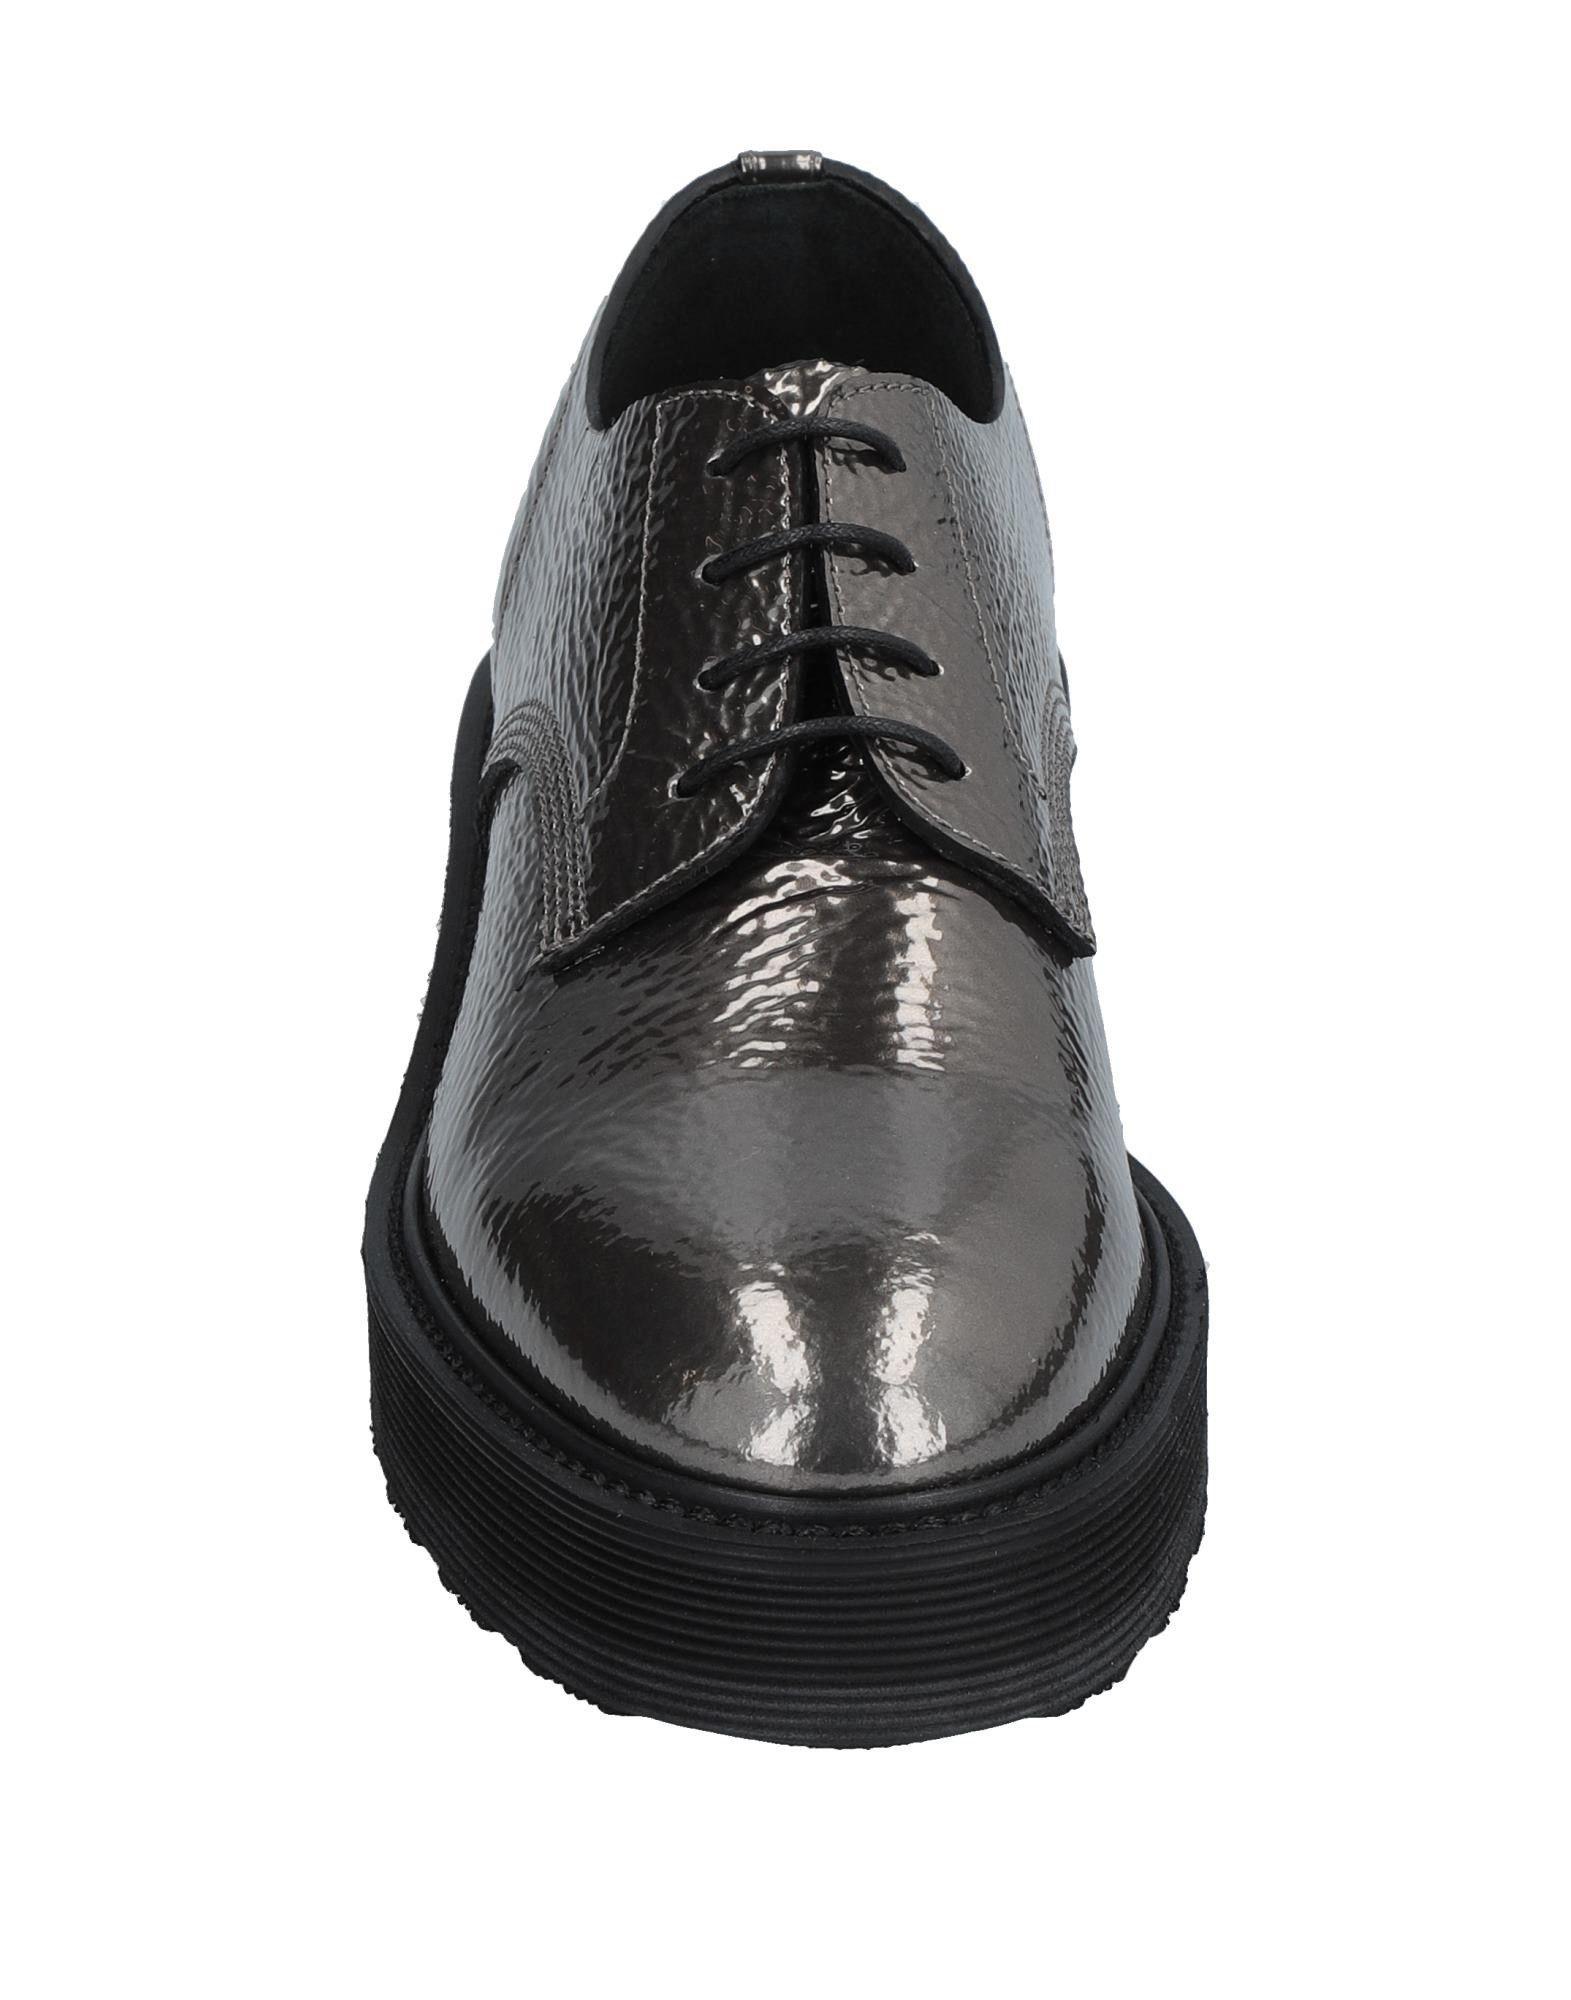 Premiata Schnürschuhe strapazierfähige Damen  11529513BHGut aussehende strapazierfähige Schnürschuhe Schuhe e43076